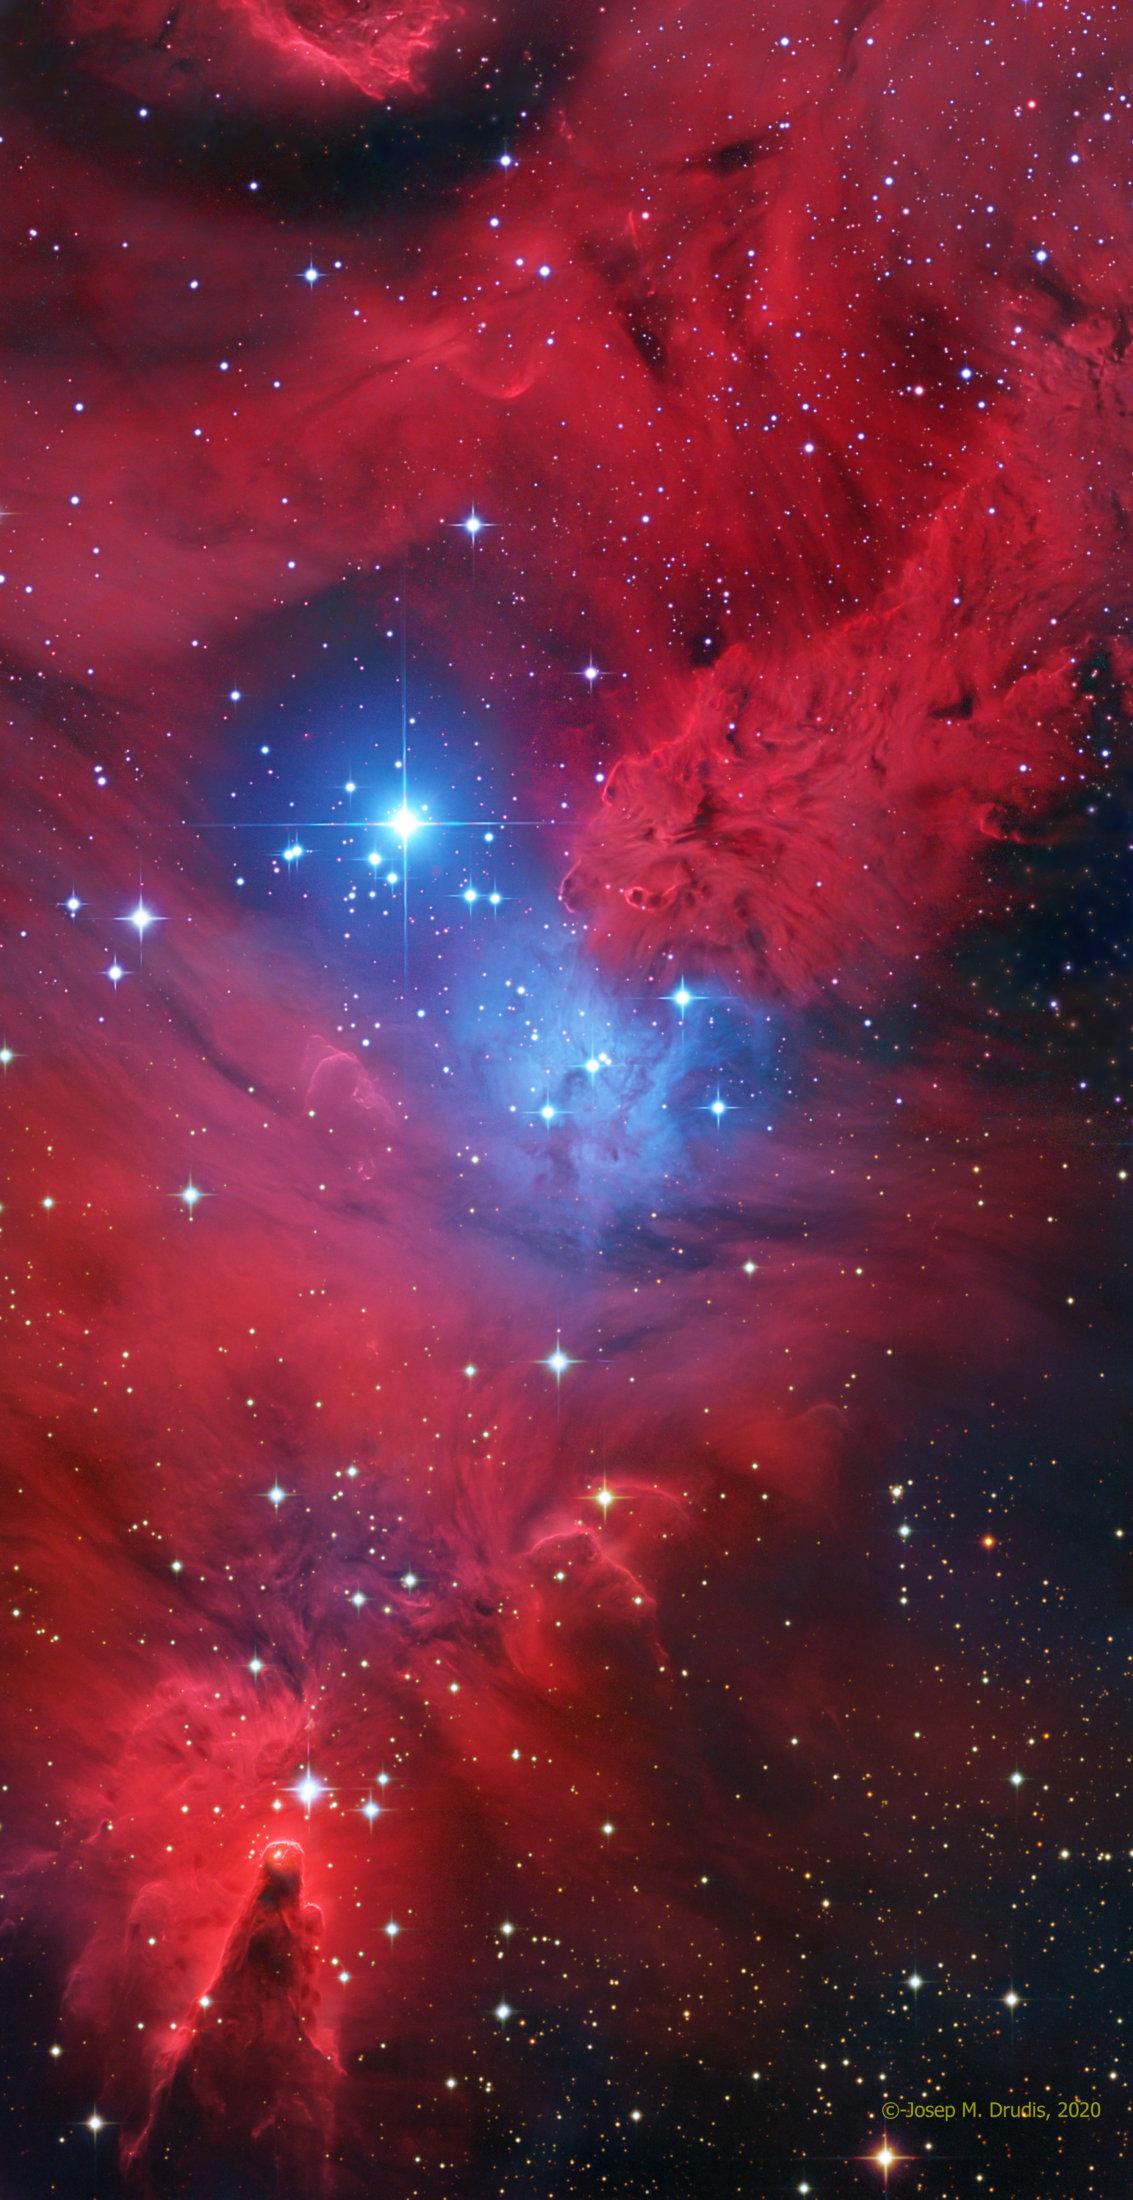 NGC 2264 - Josep Maria Drudis